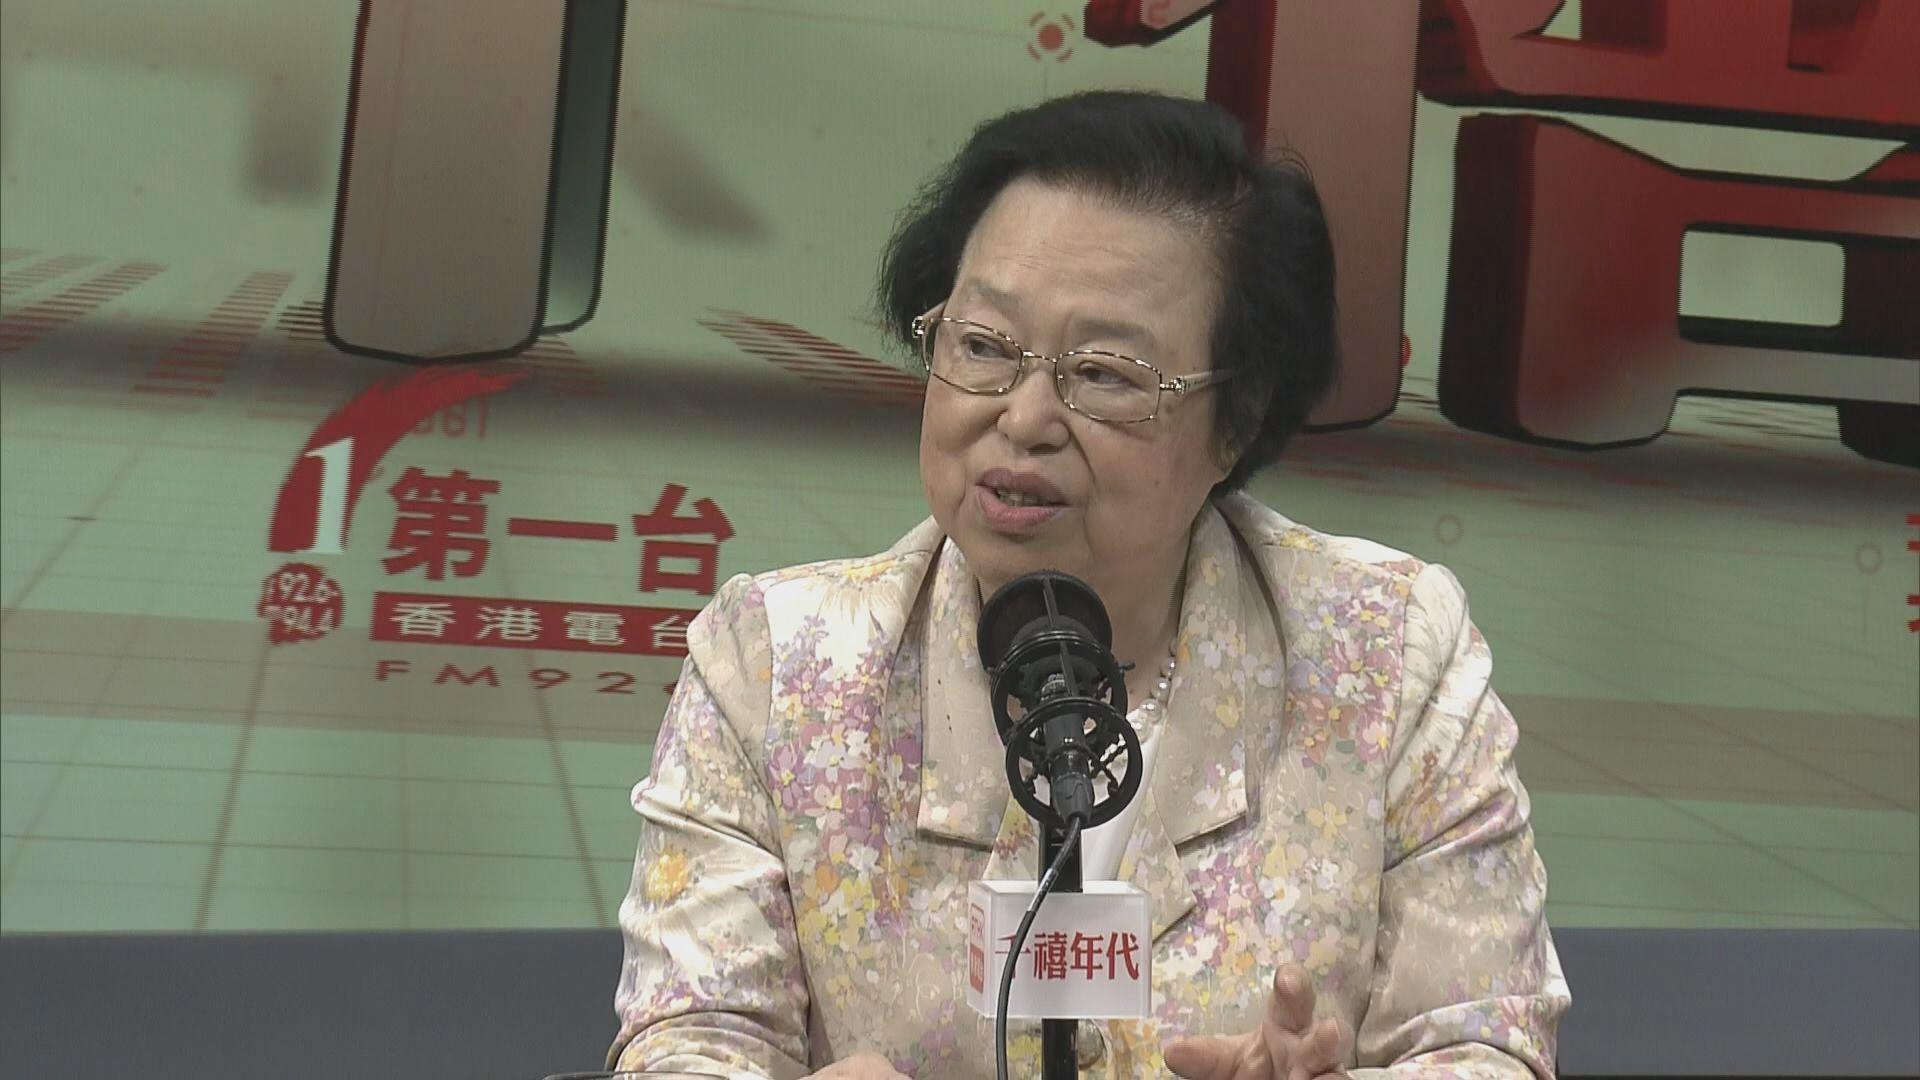 譚惠珠:陳浩天具煽動罪證據但未到起訴階段